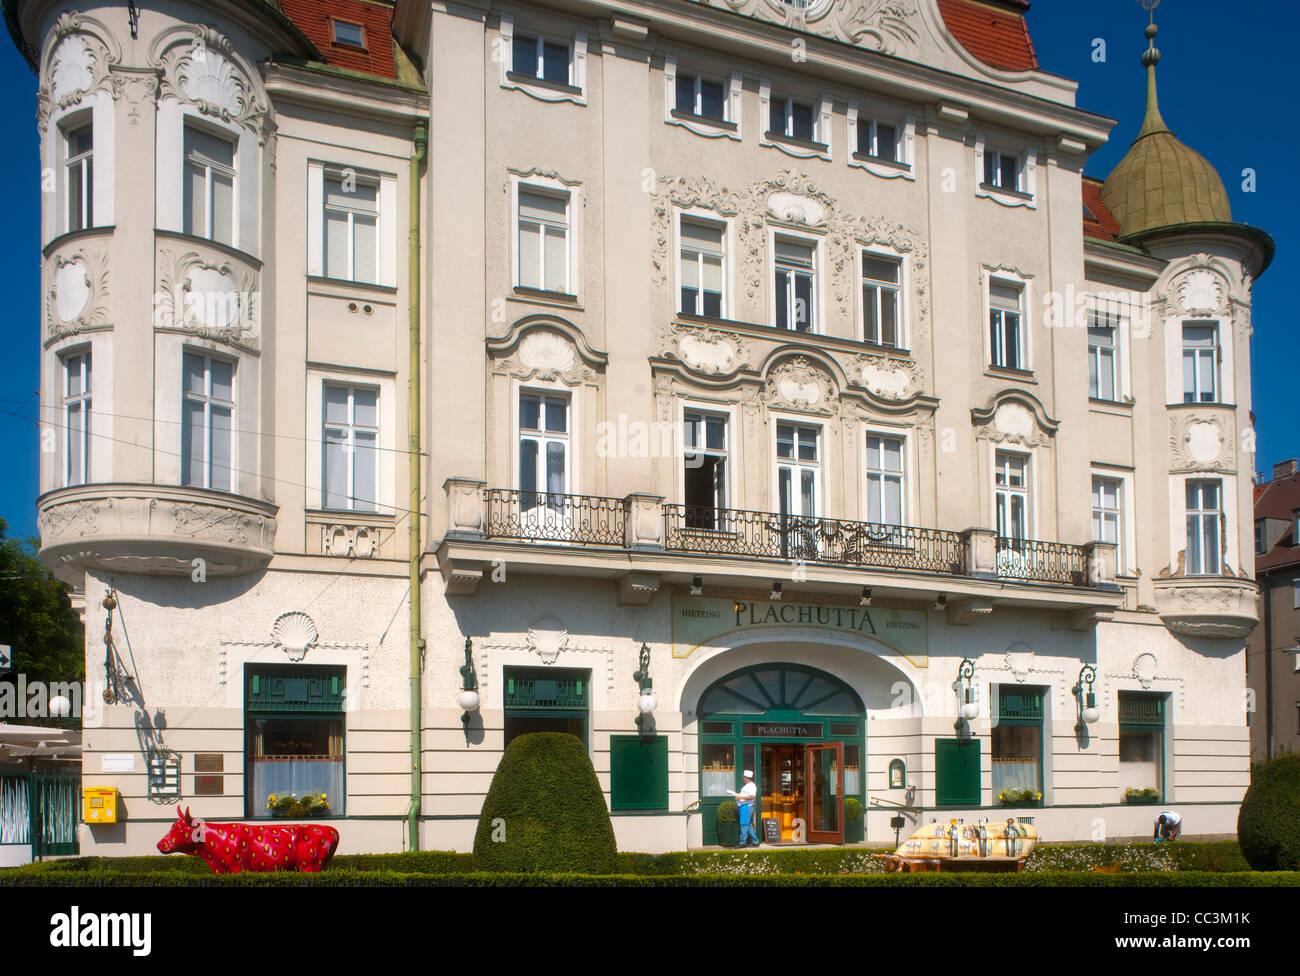 Österreich, Wien 13, Hietzinger Bräu - Plachutta, Auhofstraße 1 - Stock Image